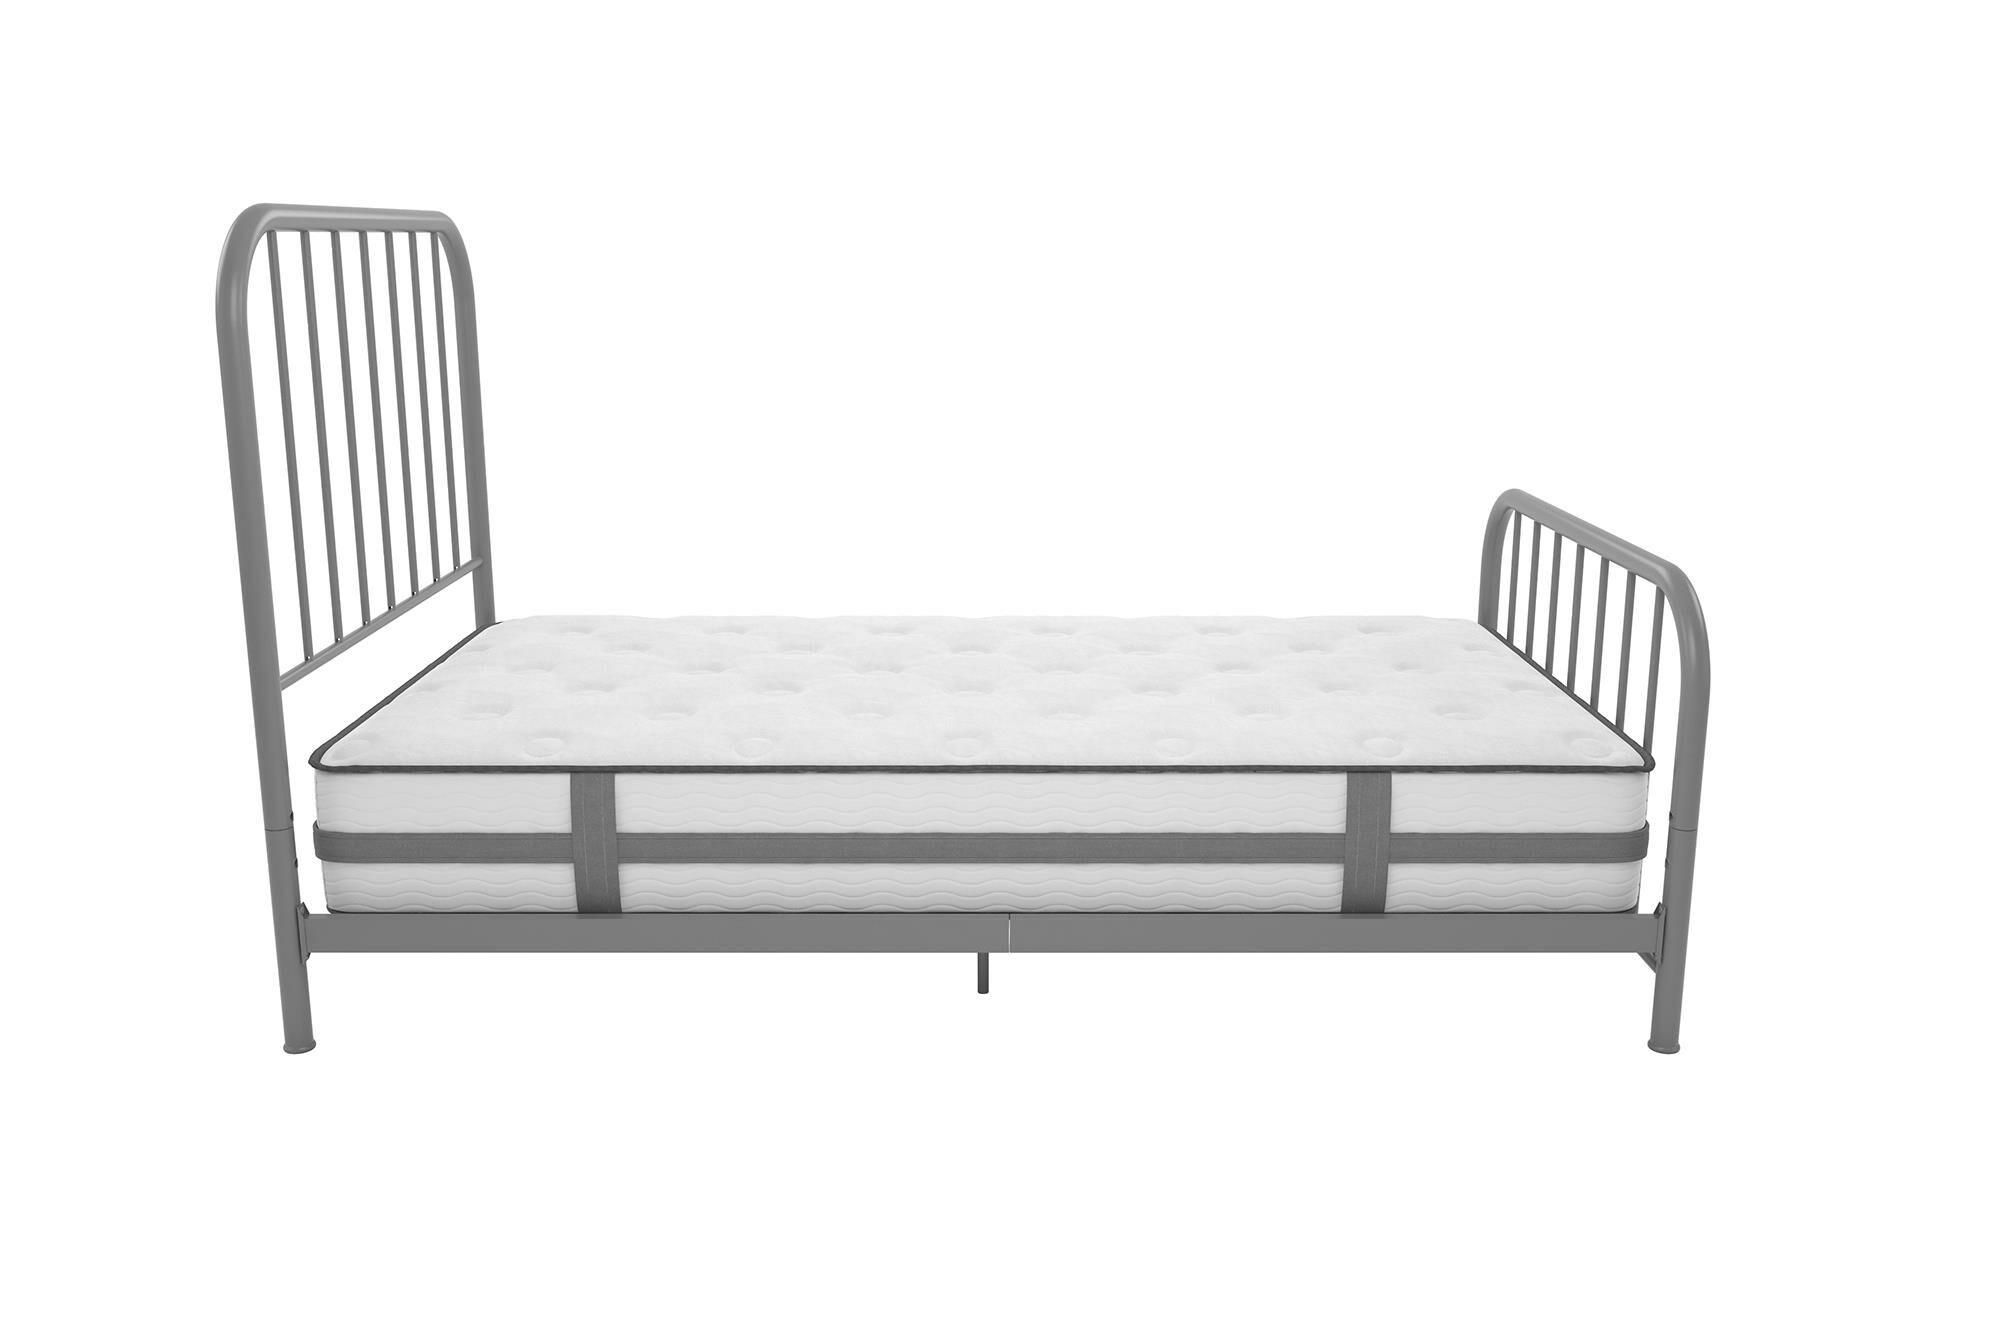 Bellamy Metal Platform Bed Size: King, Color: Gray